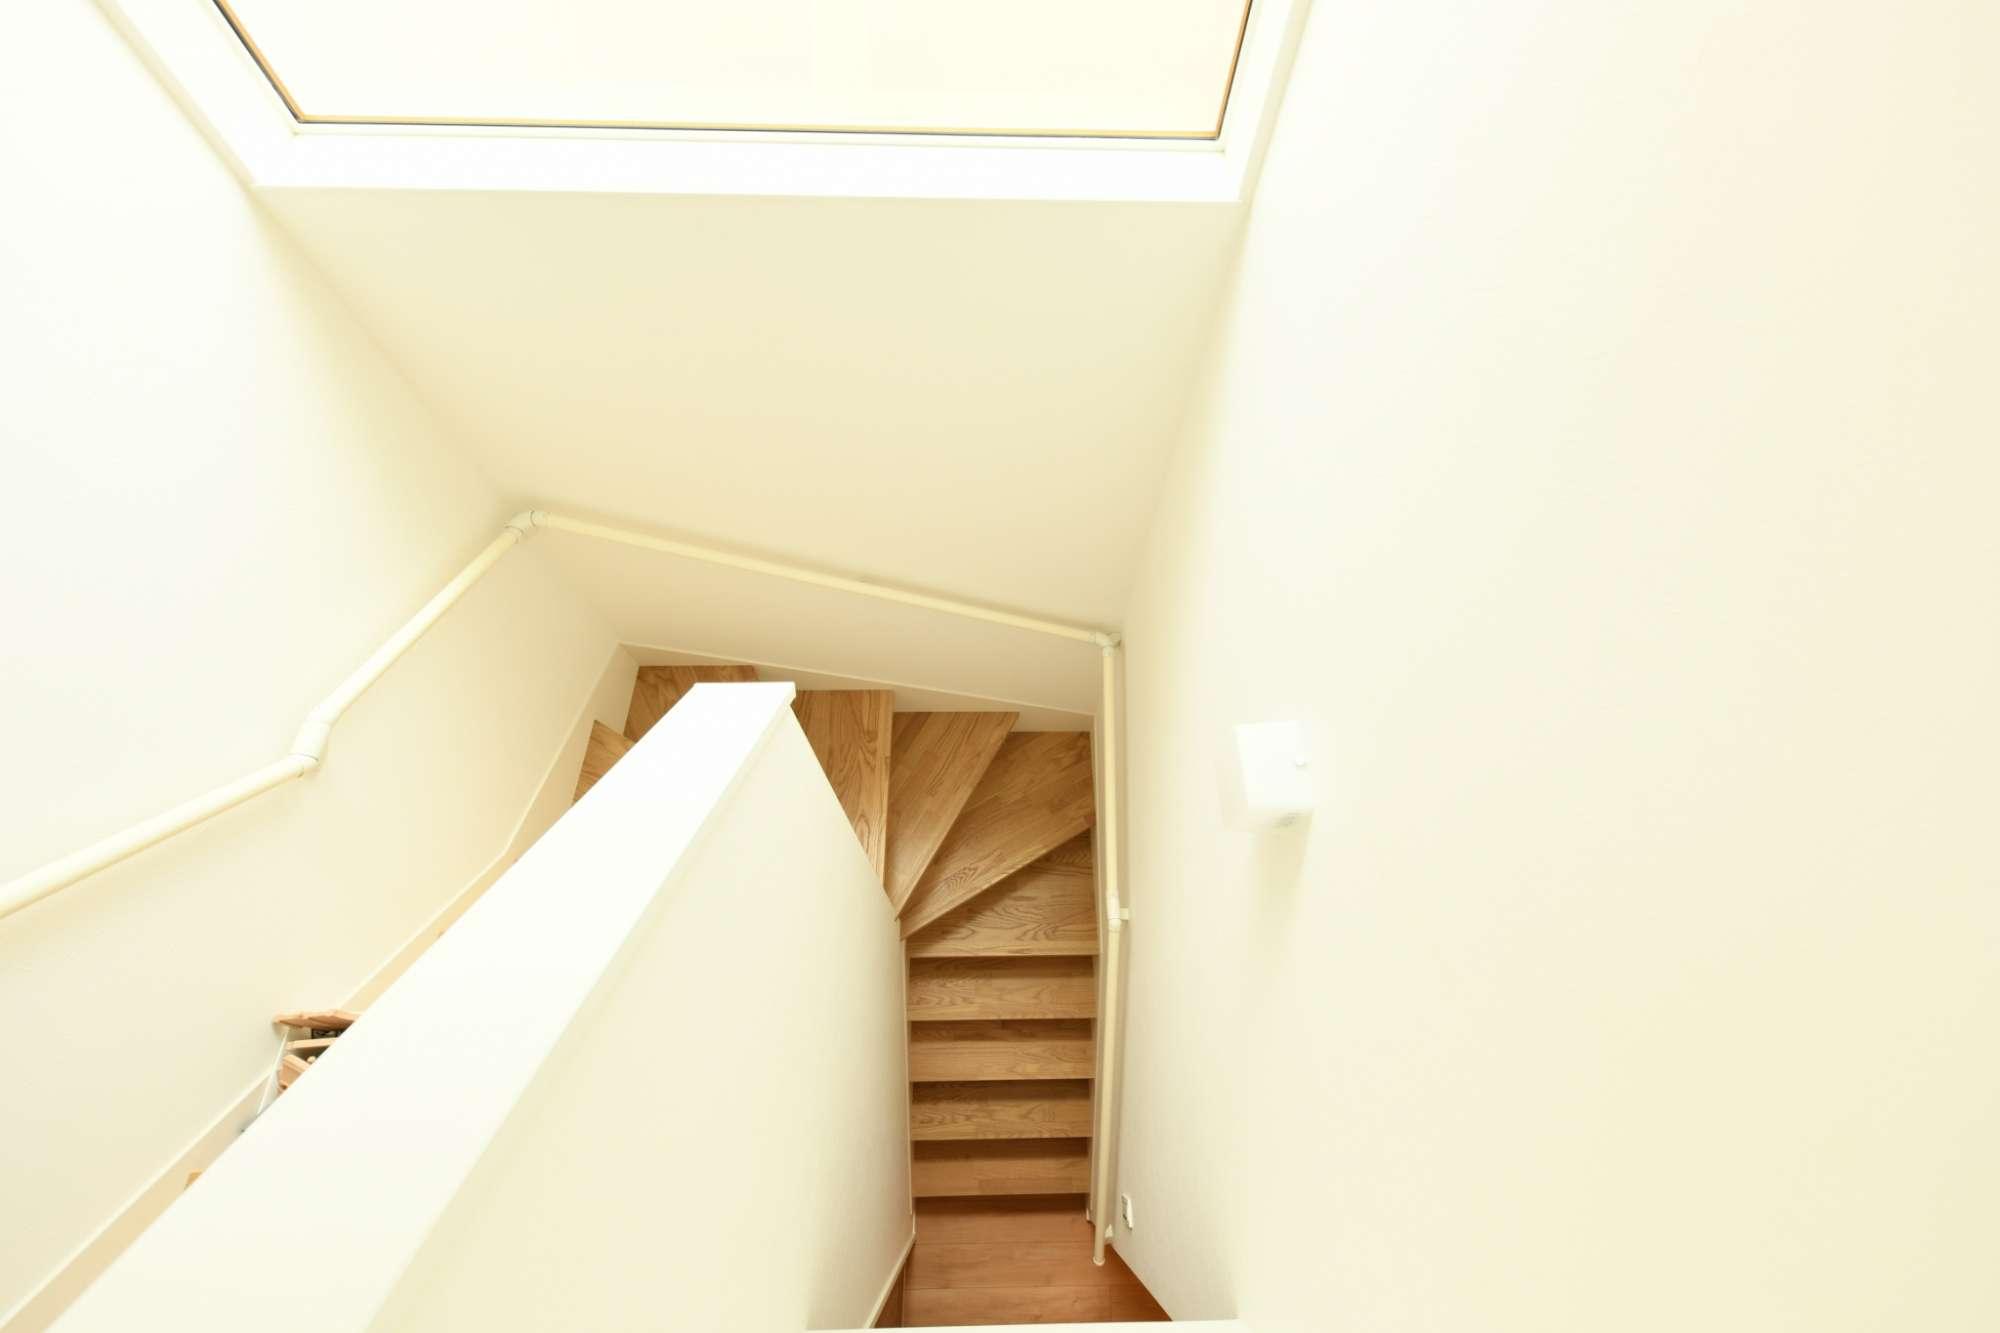 手すり付きで上り下りがしやすい階段 -  -  -